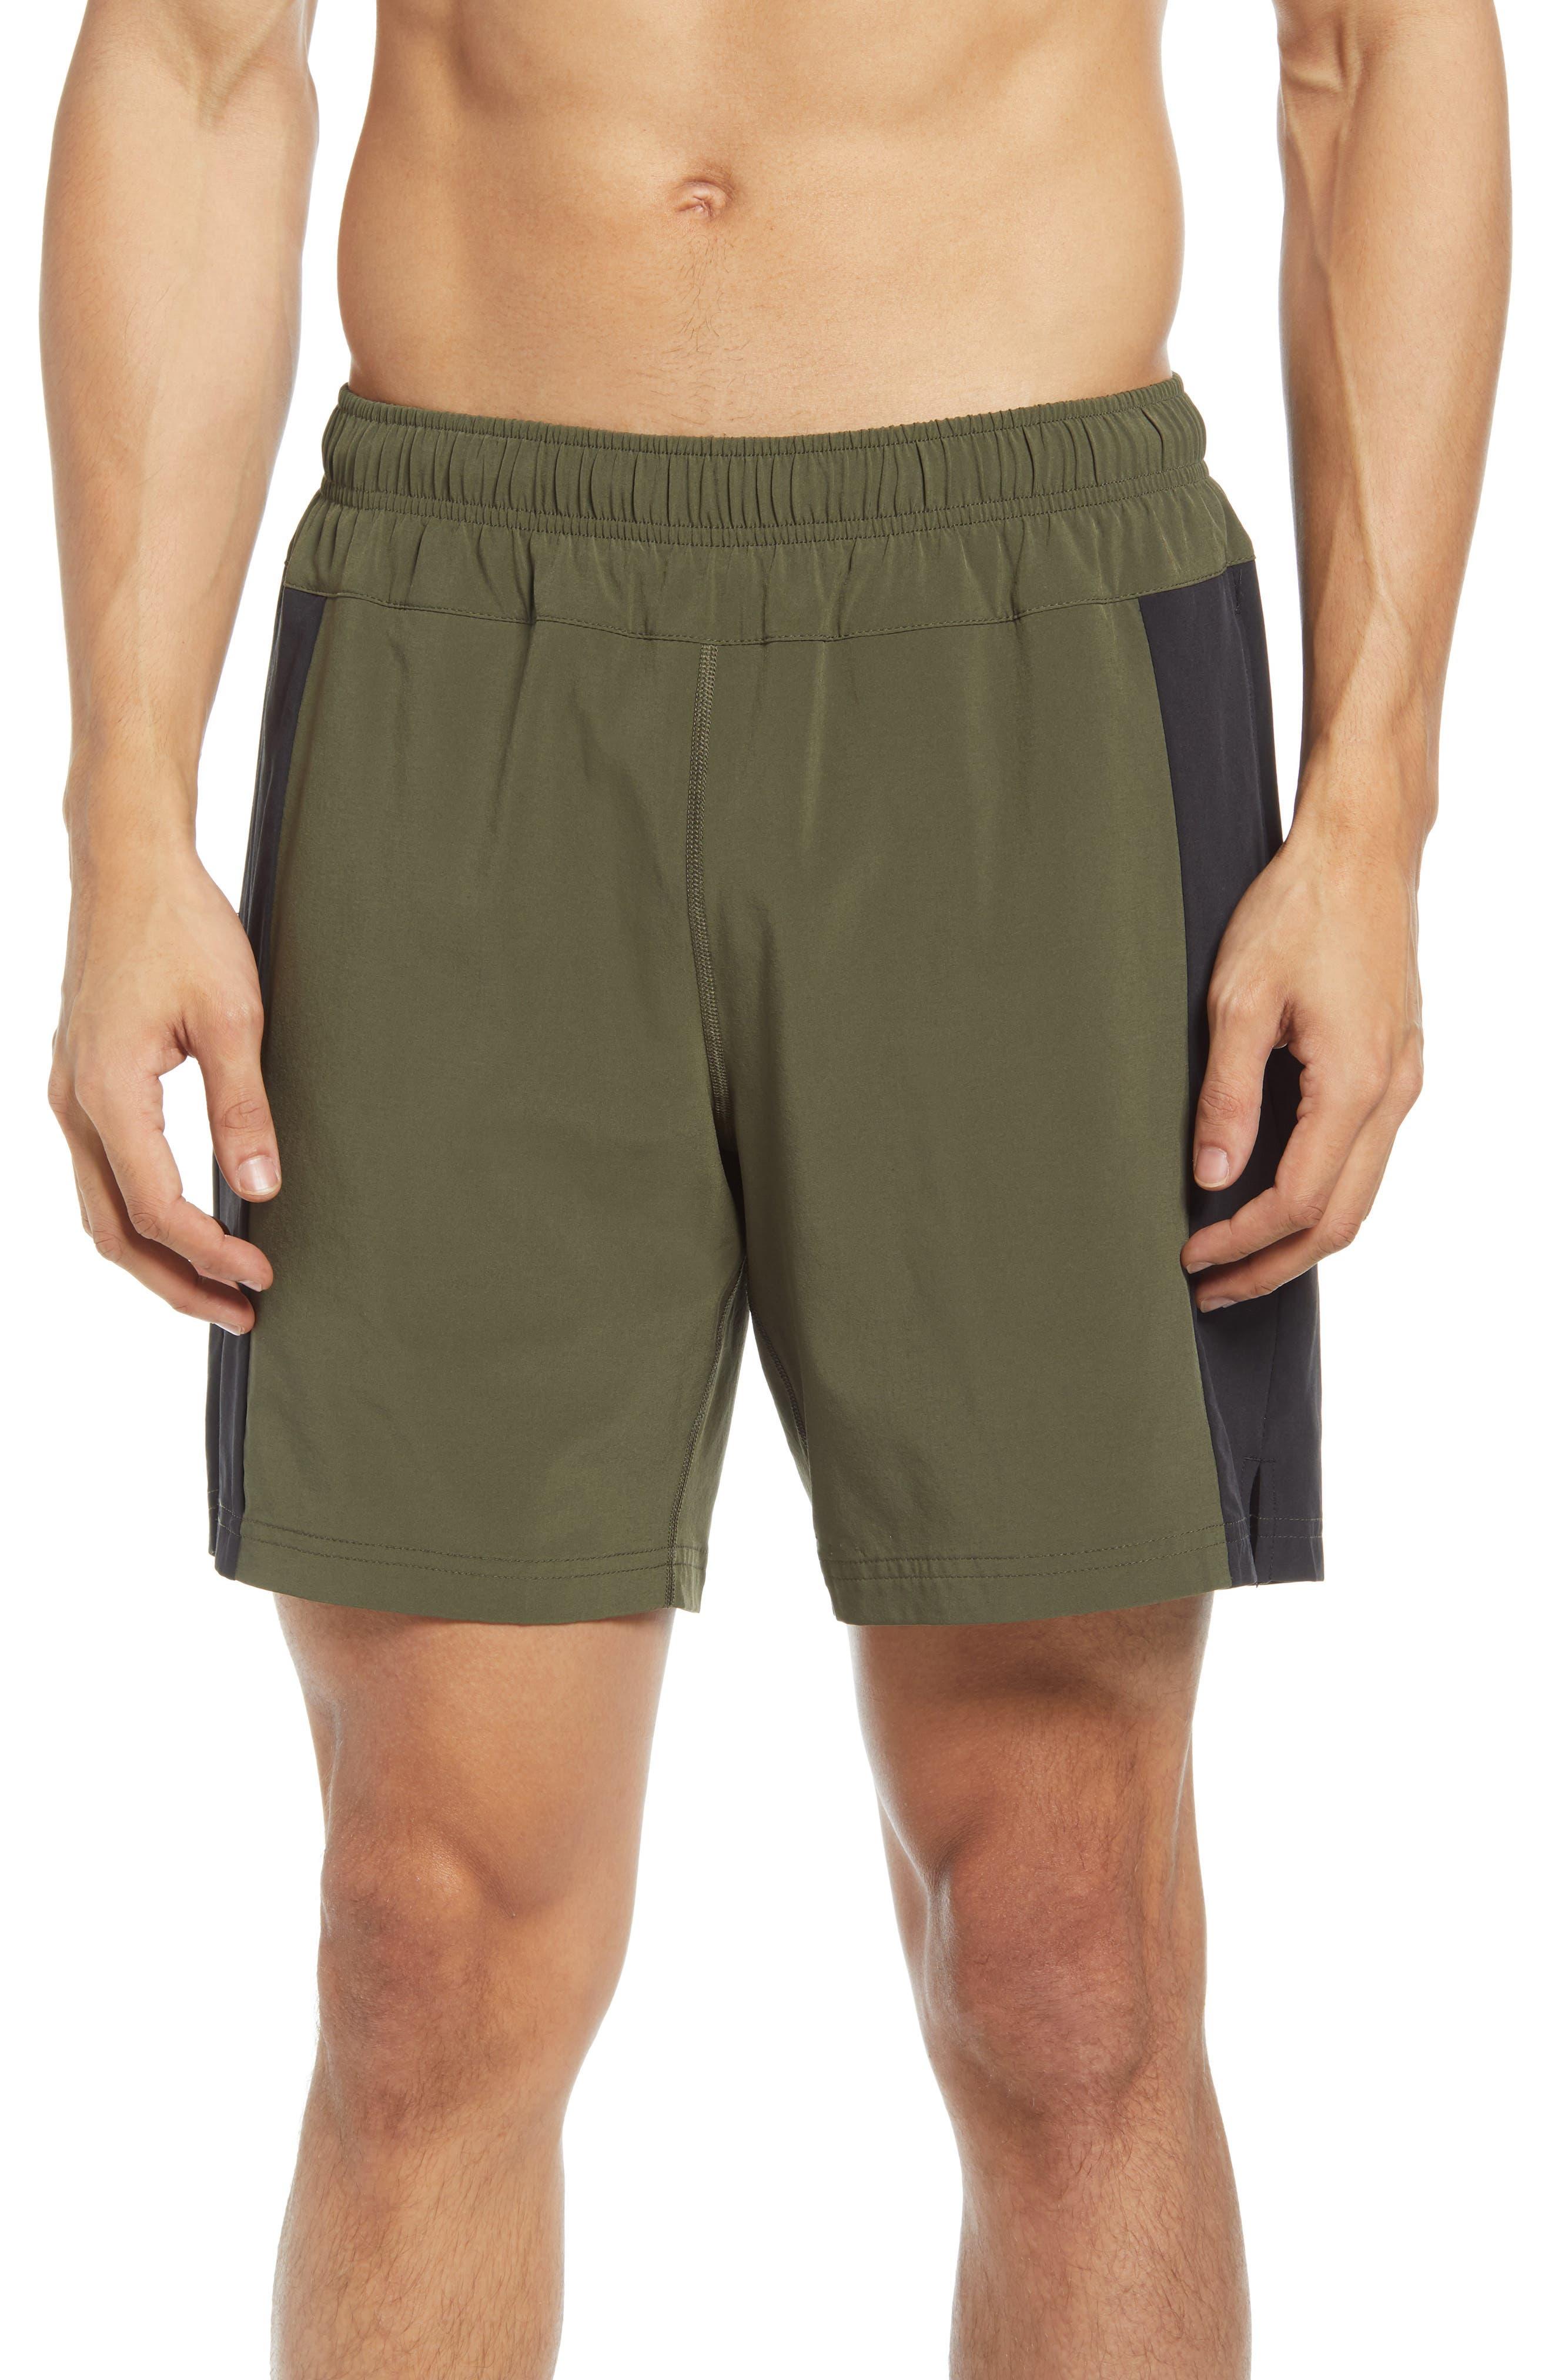 Bolt 7 Inch Shorts